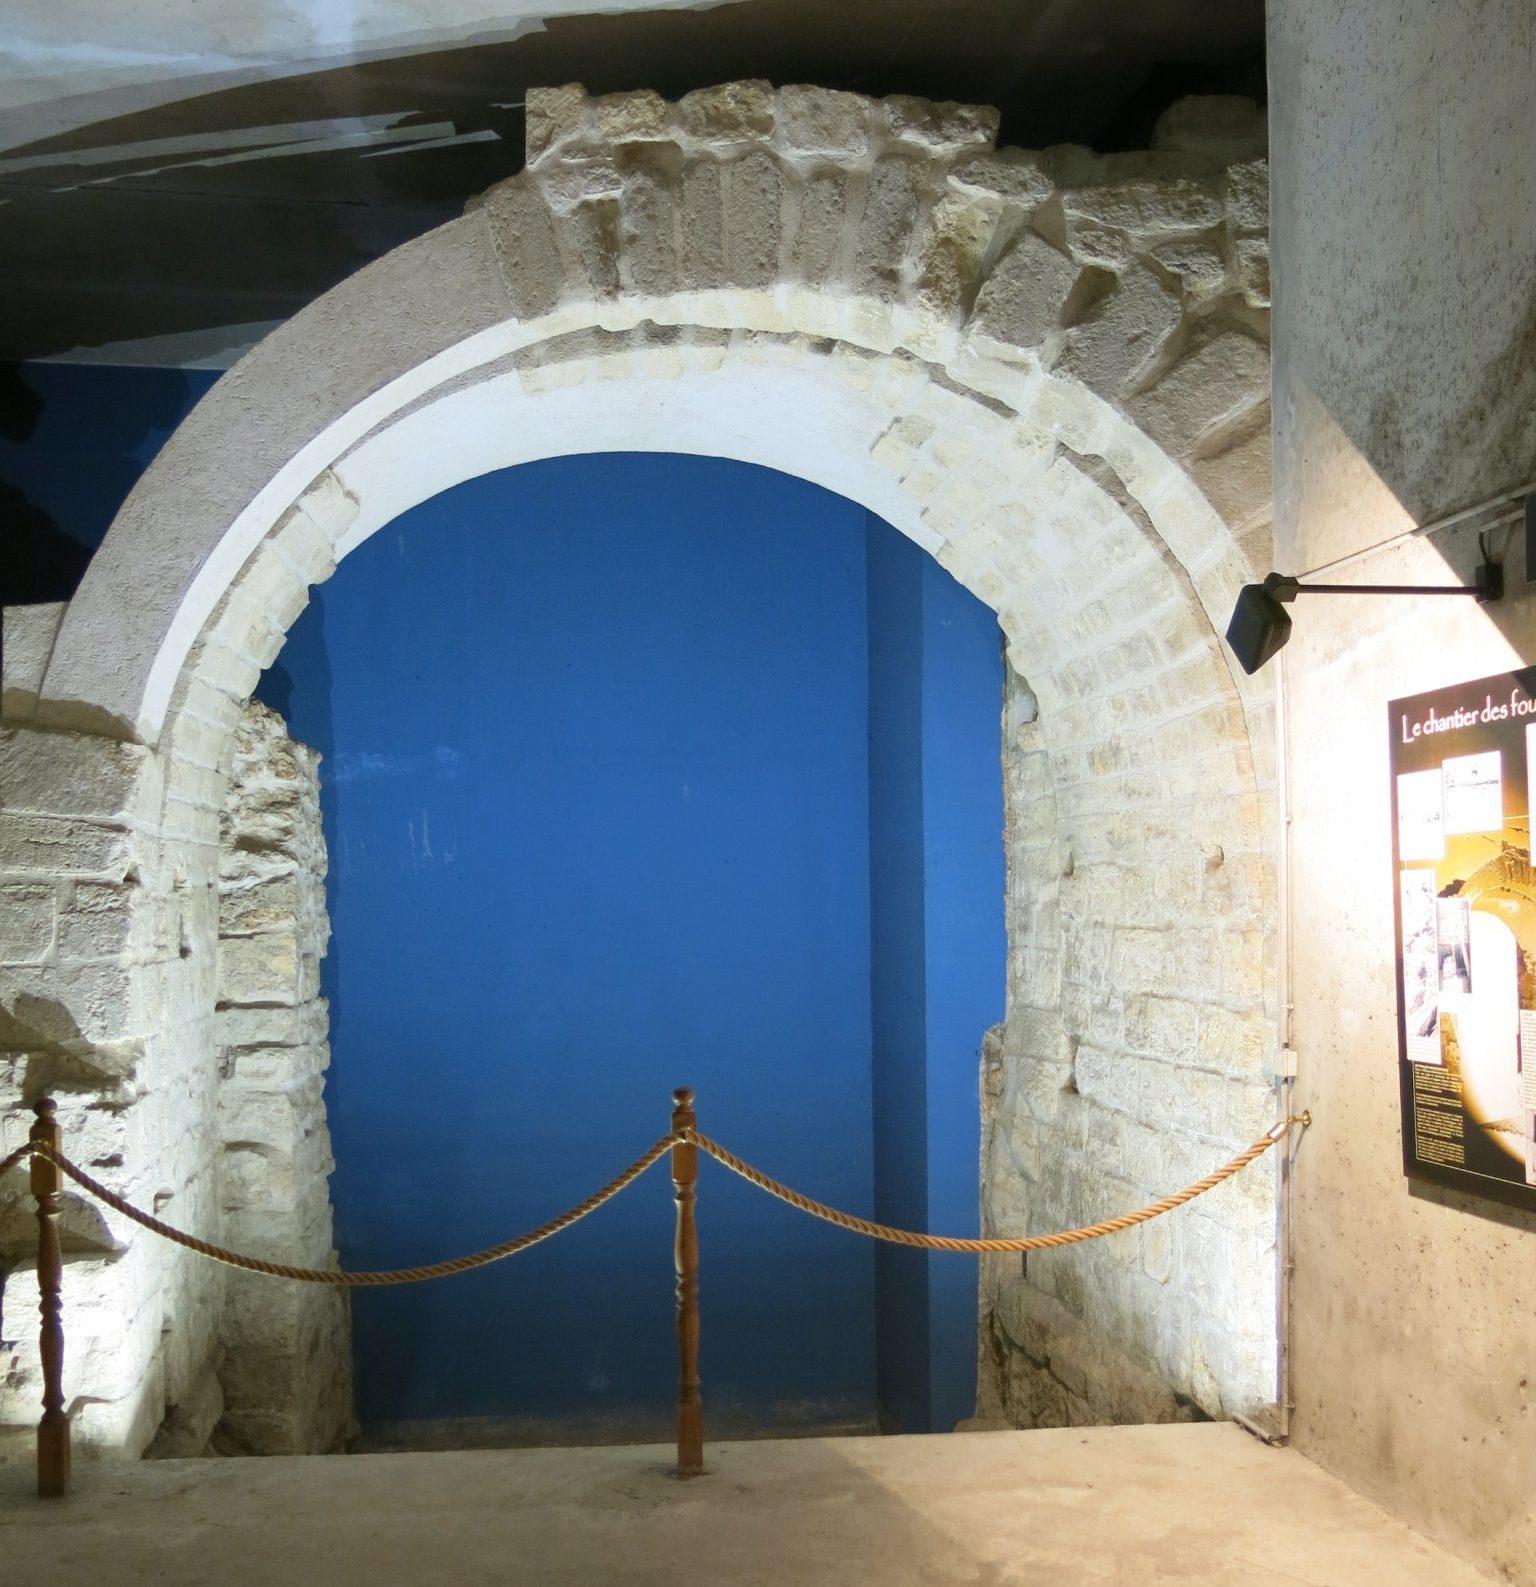 arche de la bièvre enceinte philippe auguste paris vestige histoire poste jussieu